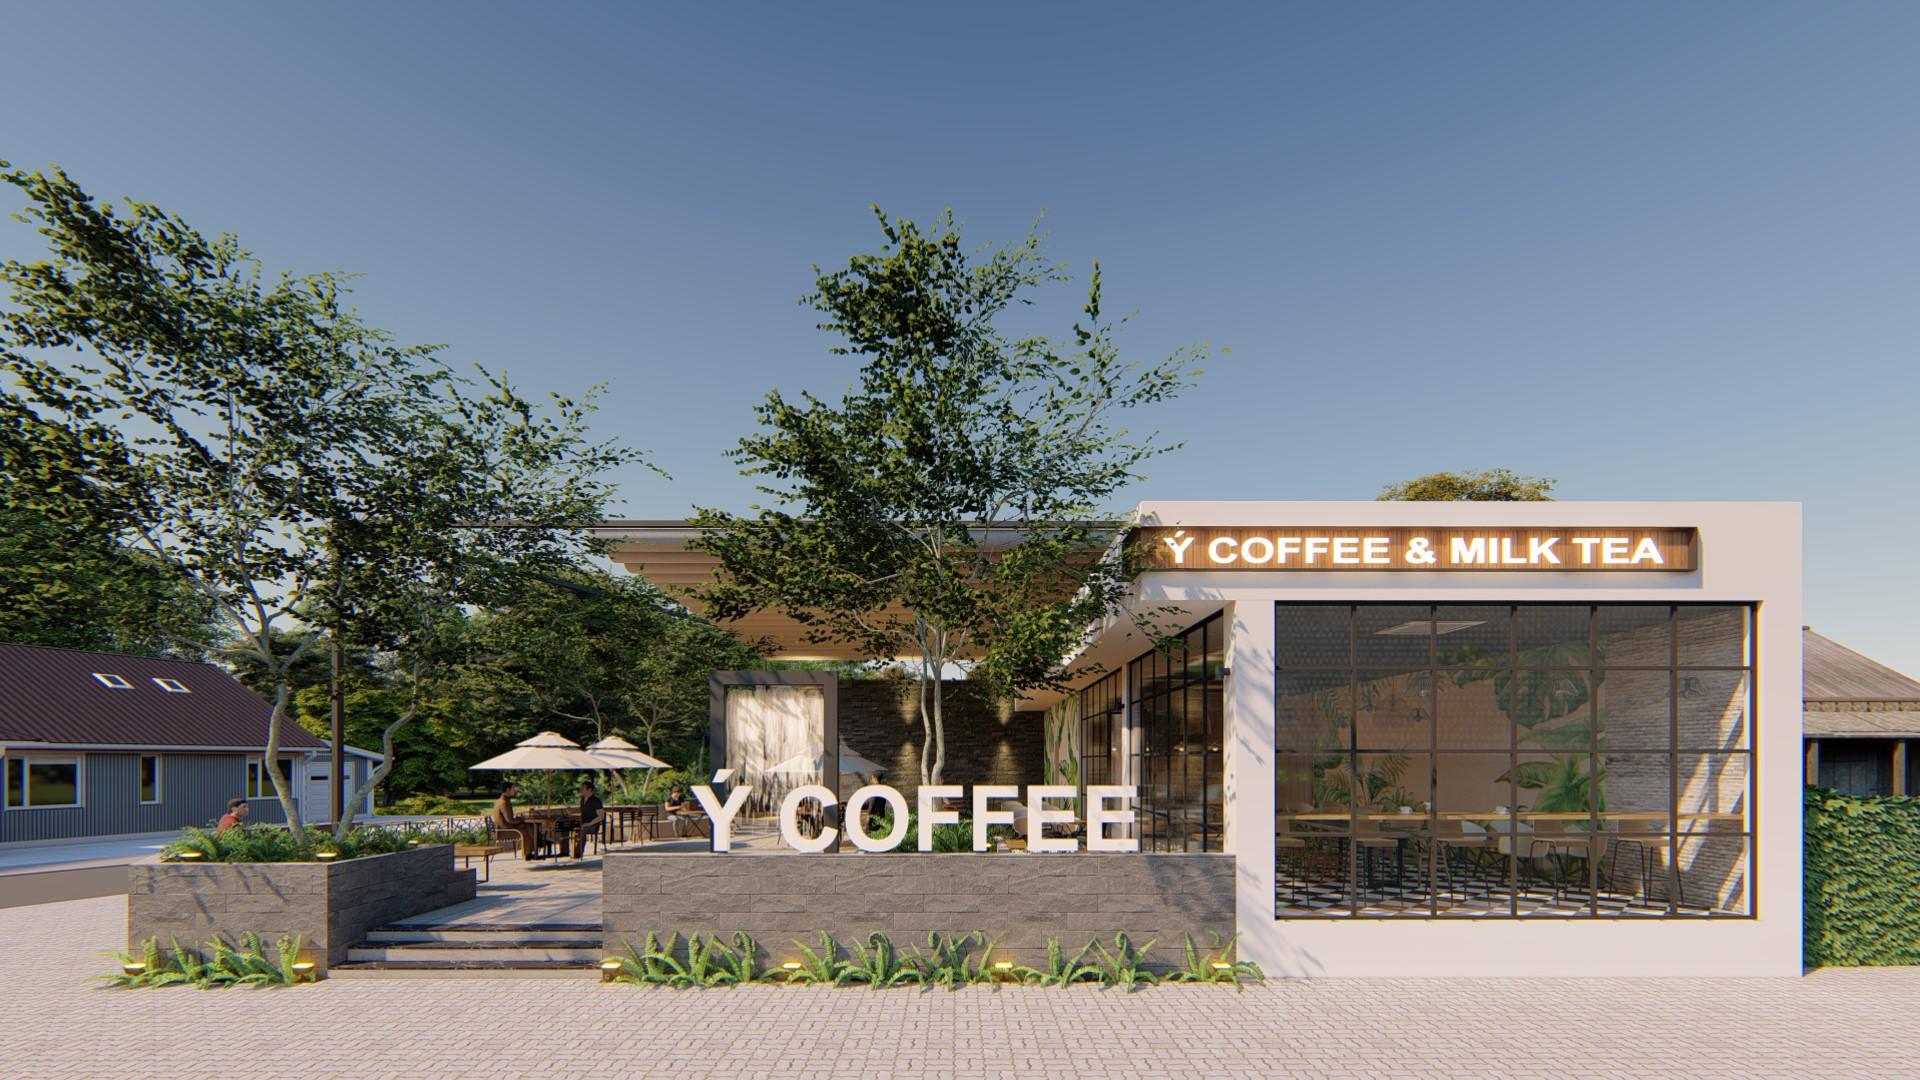 Ý Coffee